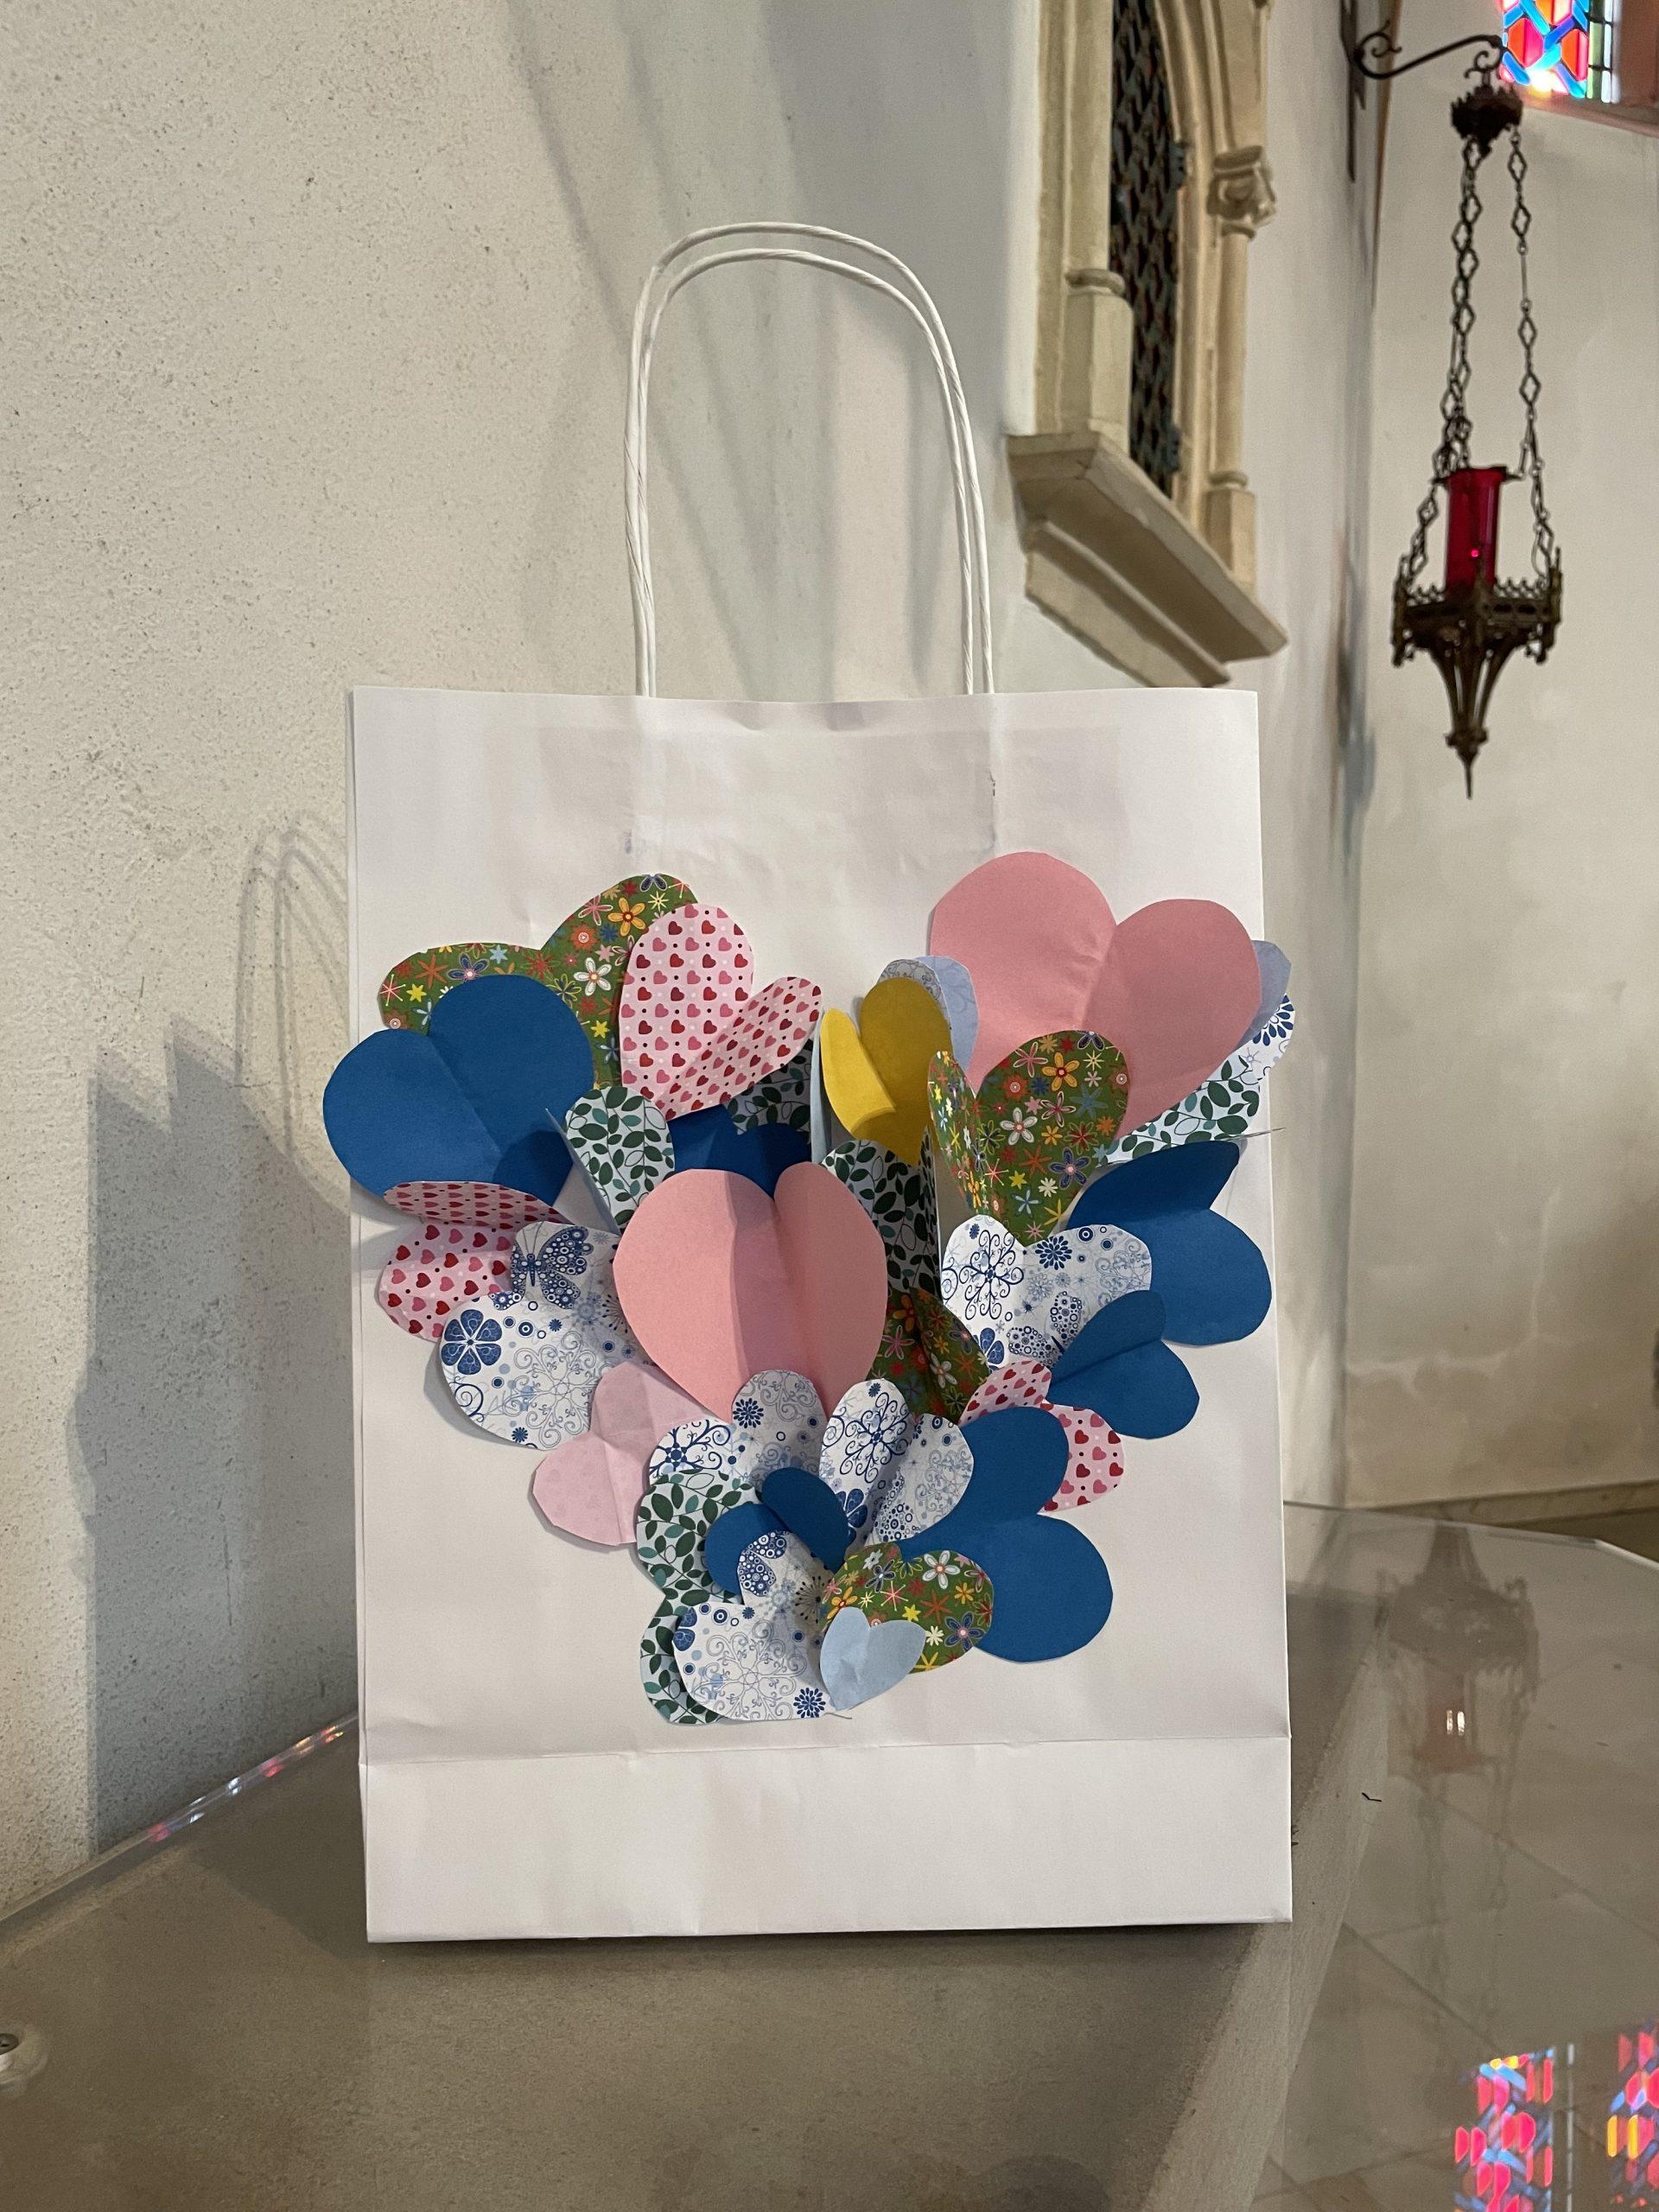 Eine Papiertüte des Friedens gestaltet mit gefalteten Herzen, die wie Schmetterlinge zu einem großen Herz zusammen geklebt sind.